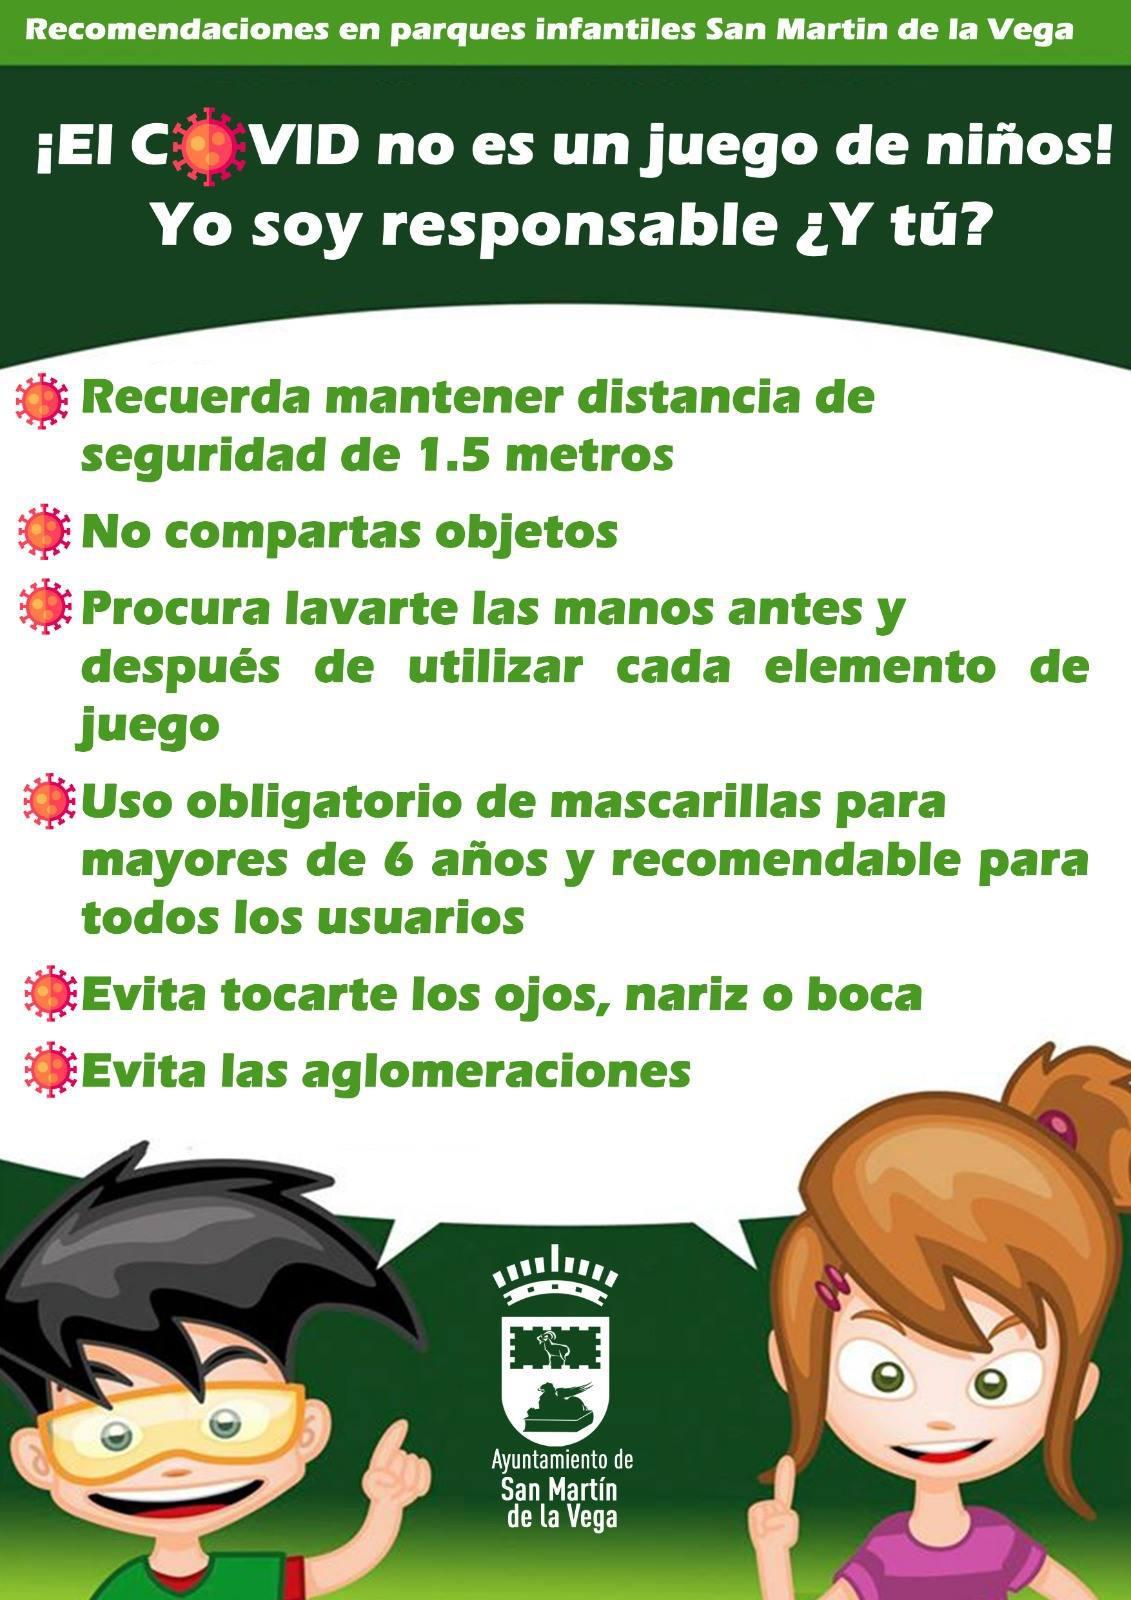 Recomendaciones para los parques infantiles de San Martín de la Vega